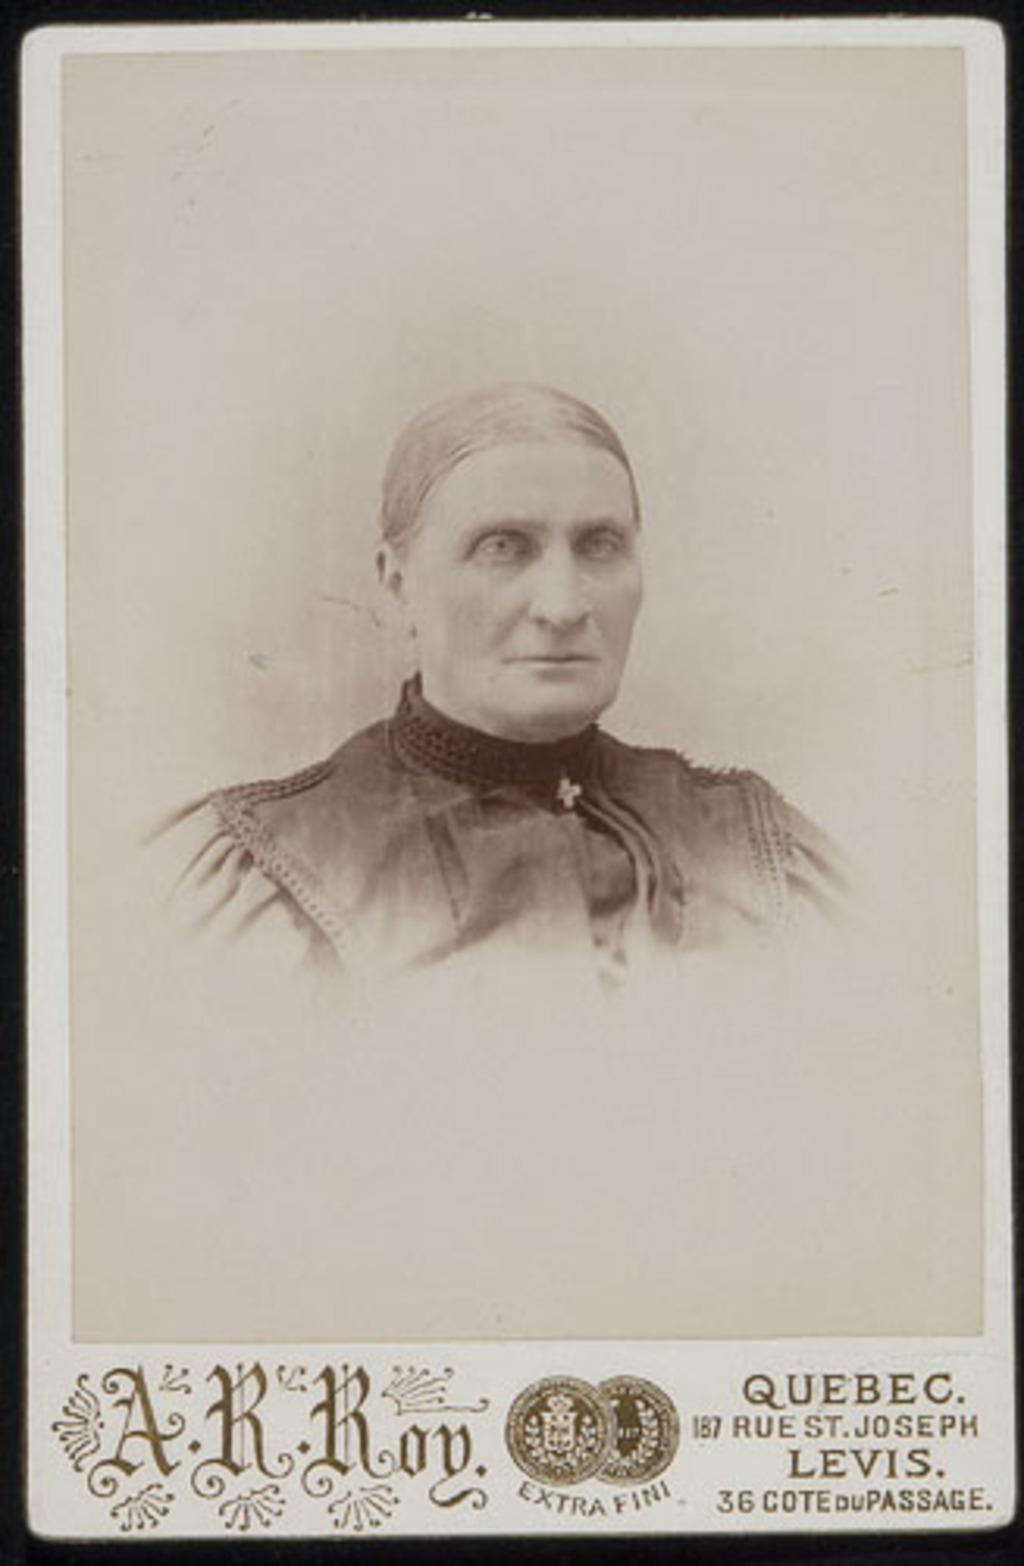 Portrait de femme, de l'album de la famille Boulanger